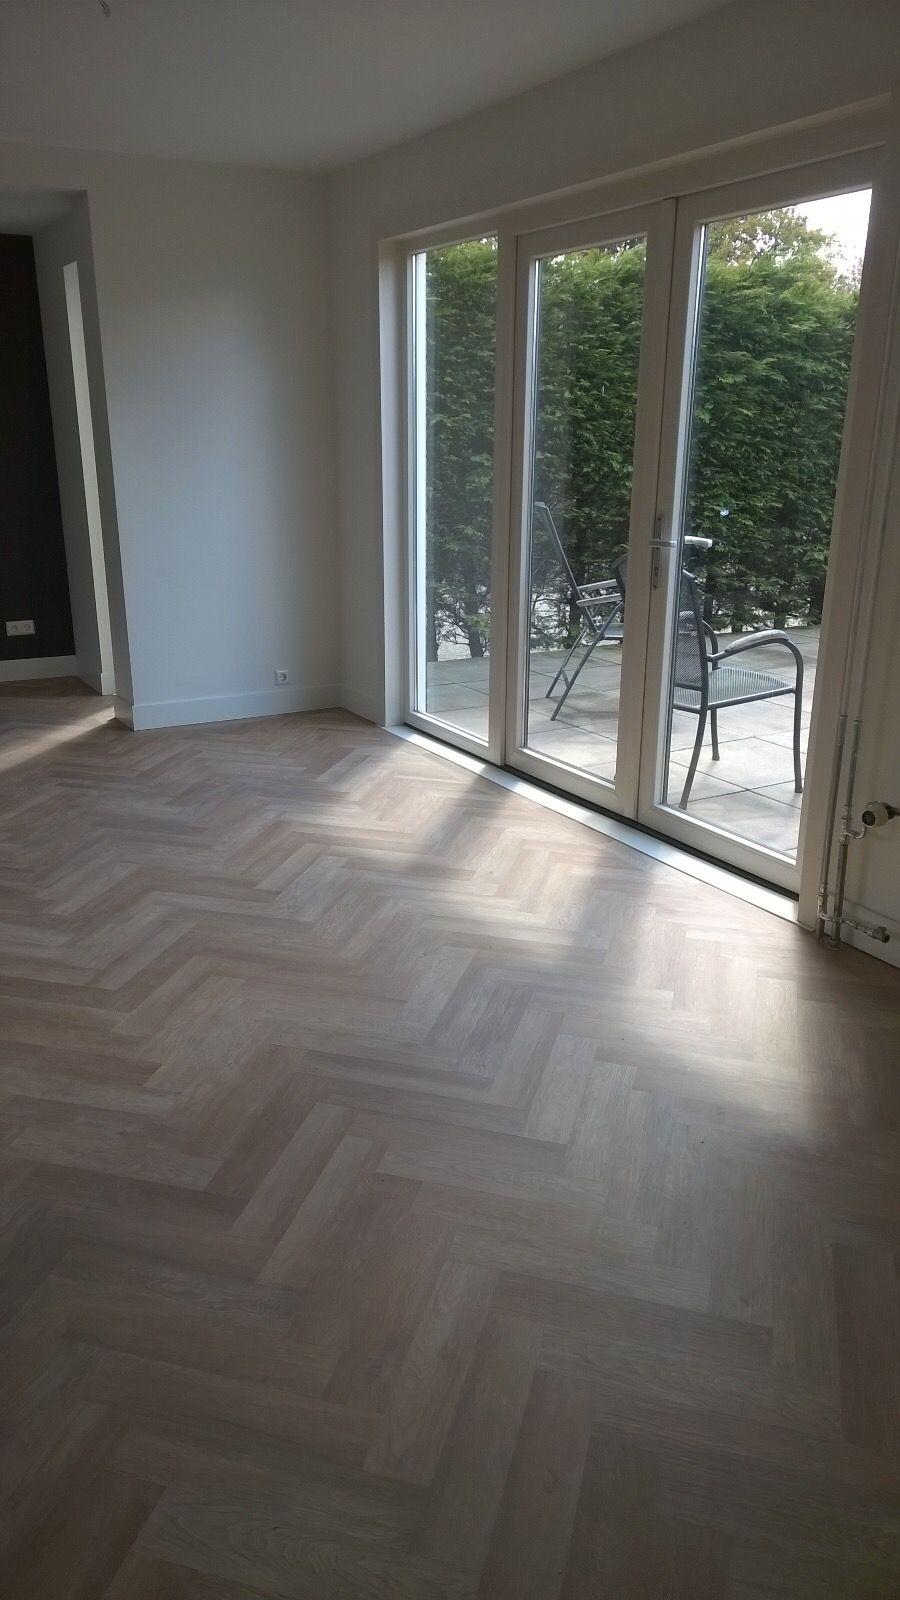 project floors visgraat pvc vloer gelegd door anne vianen van art